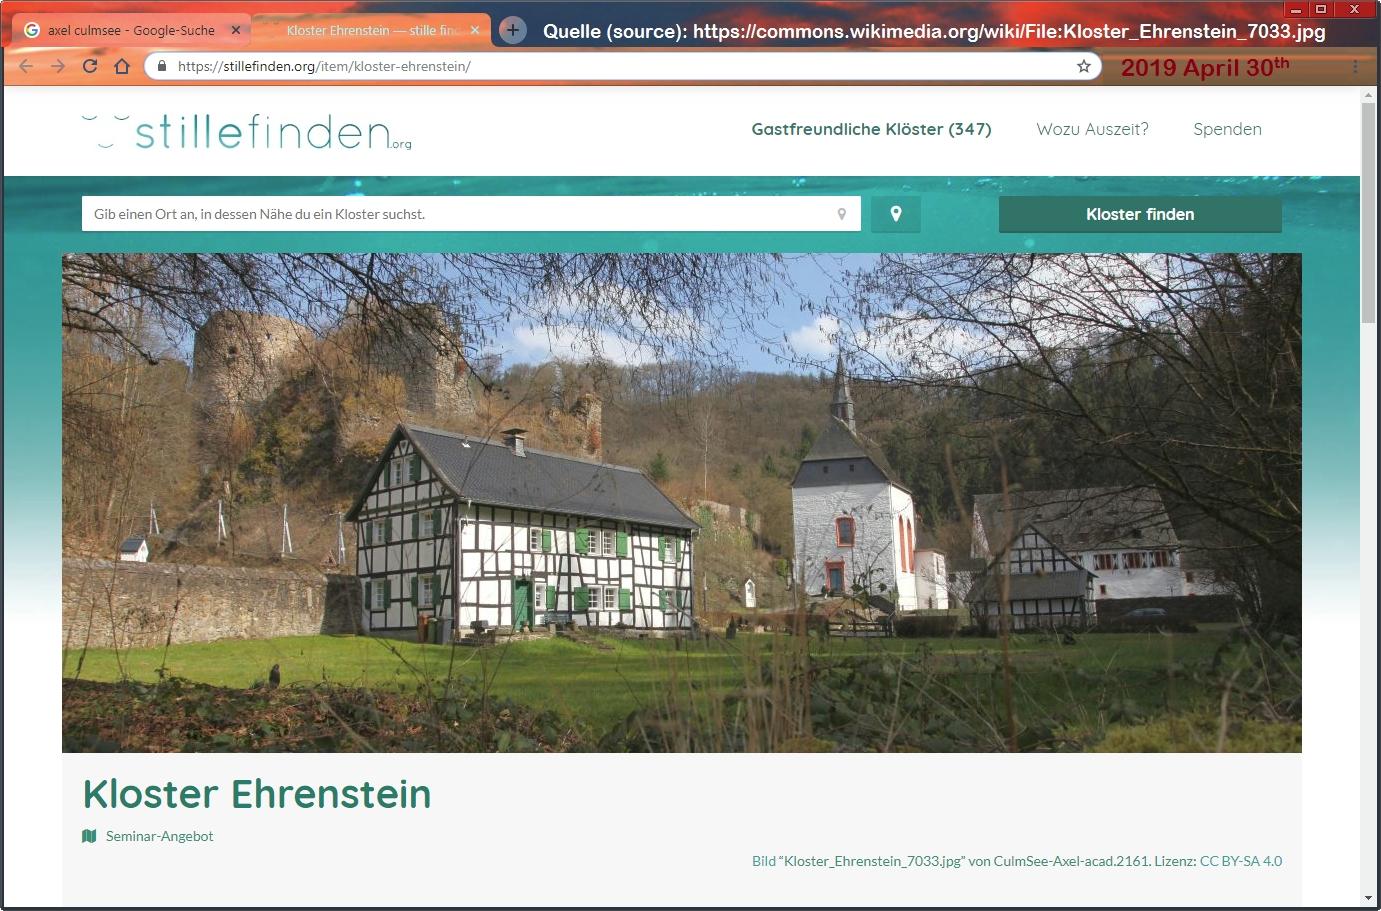 Kloster Ehrenstein #7033 by Axel Culmsee